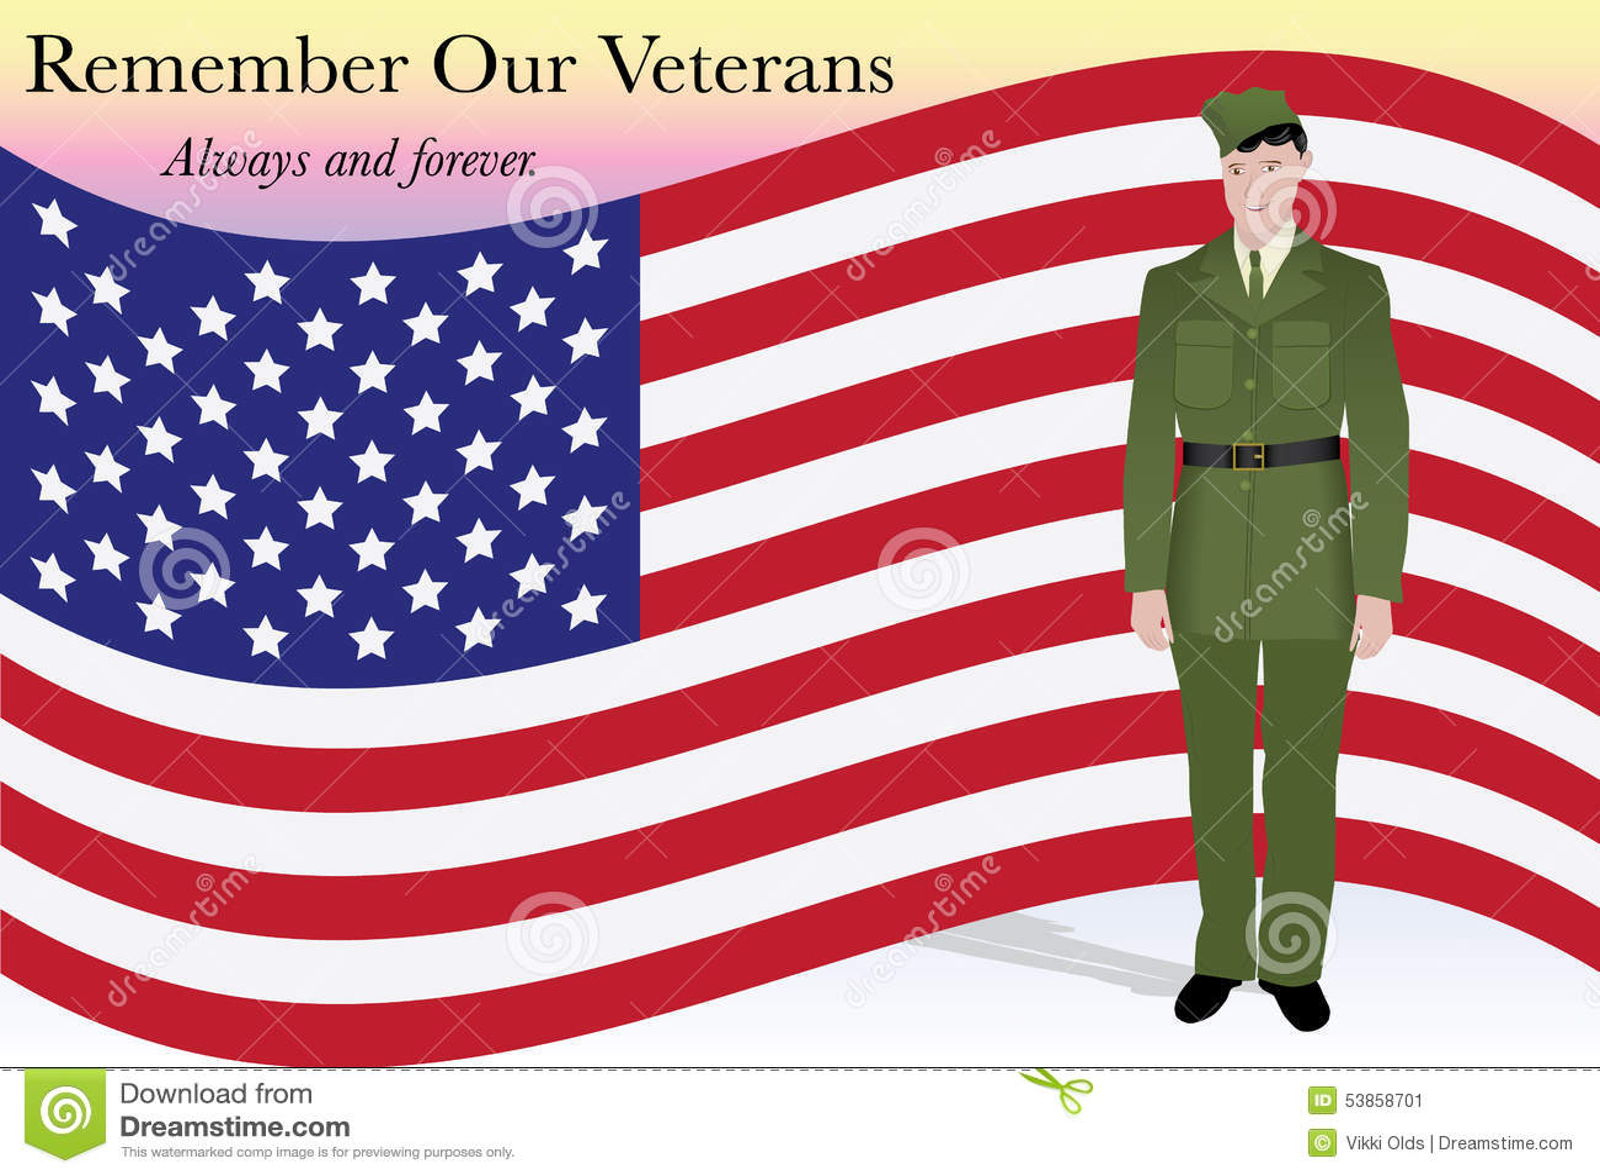 Herinner Onze Veteranen